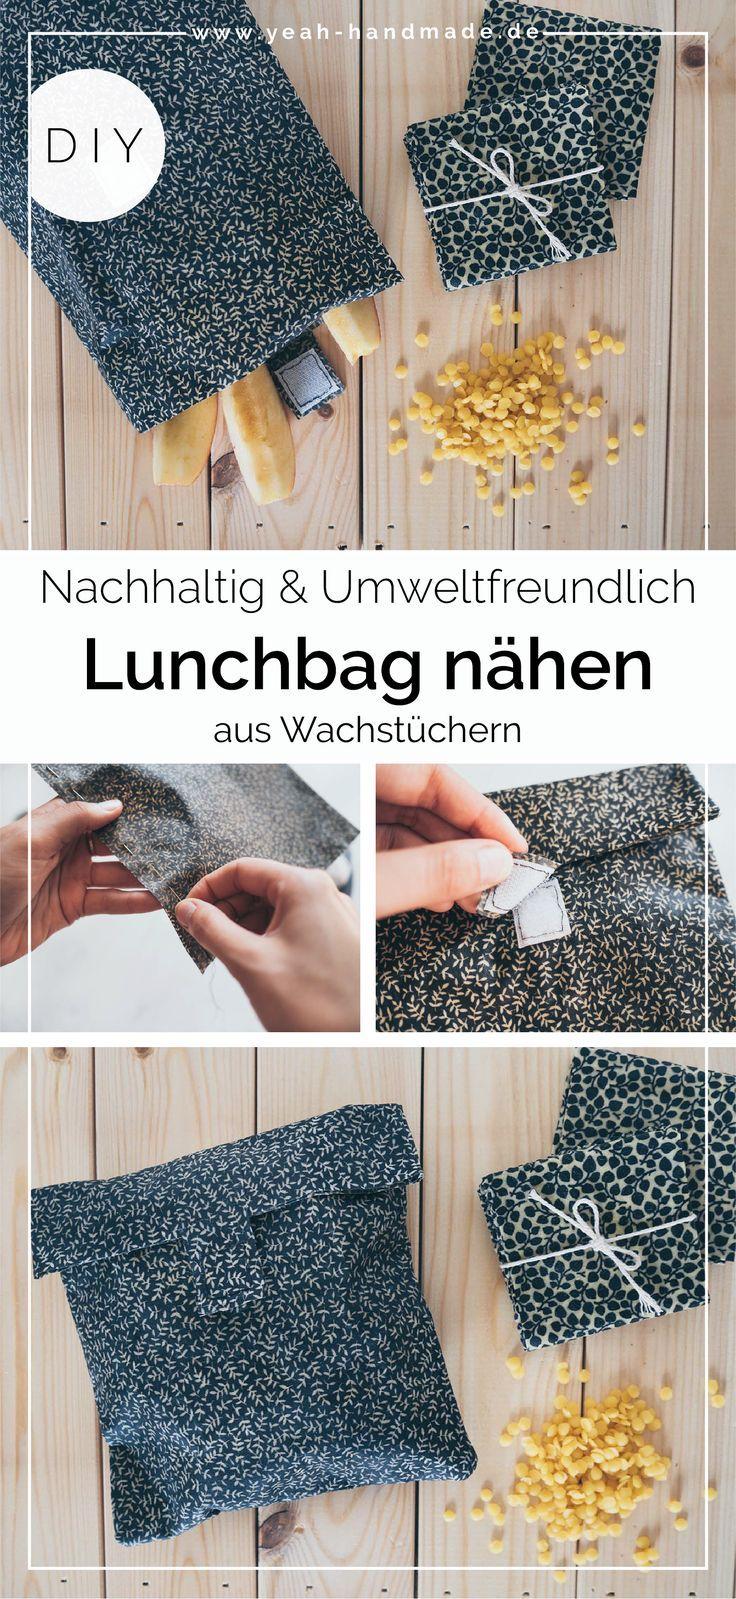 Photo of DIY Lunchbag nähen aus Wachstuch mit Klettverschluss • Yeah Handmade